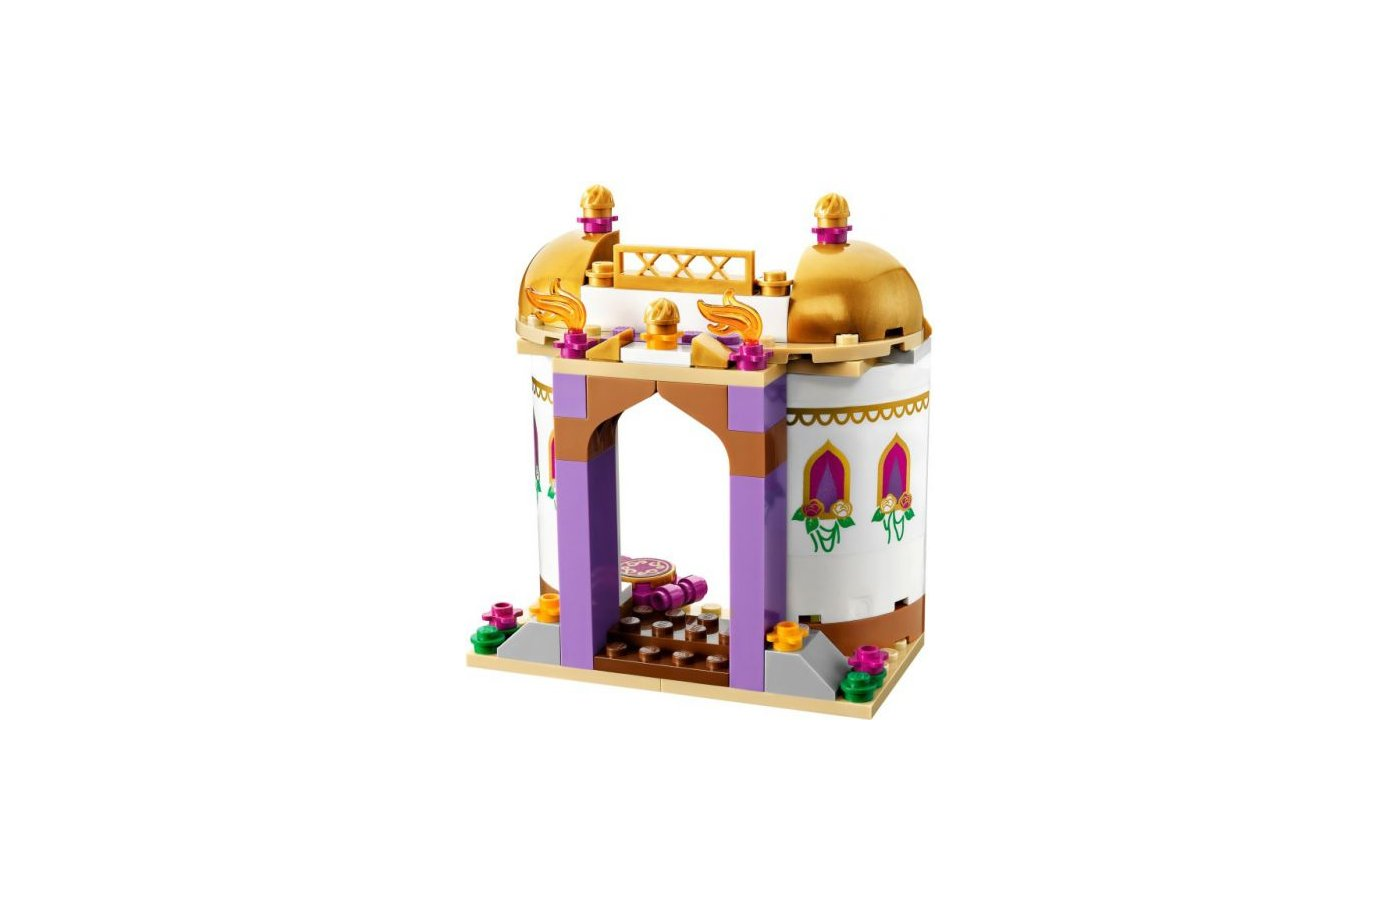 Конструктор Lego 41061 Принцессы Экзотический дворец Жасмин